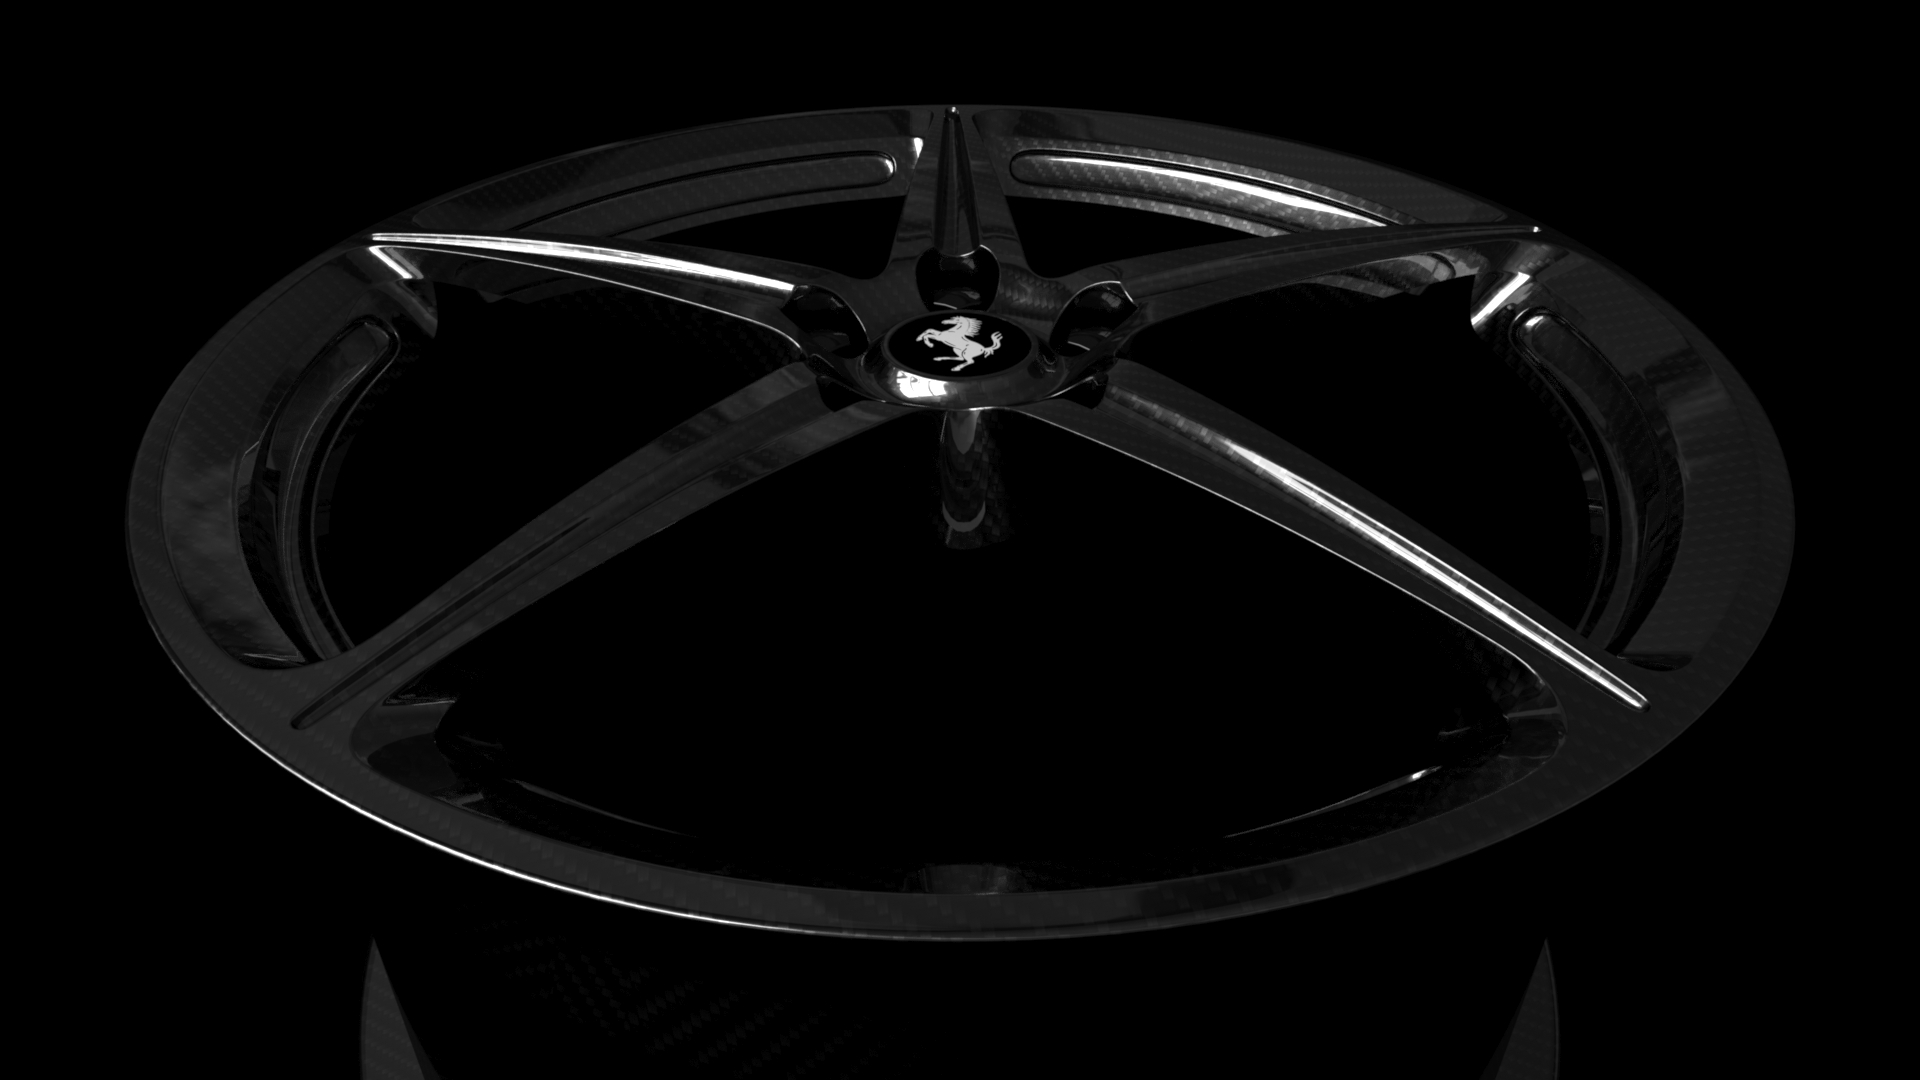 Ferrari_458_Italia_wheel